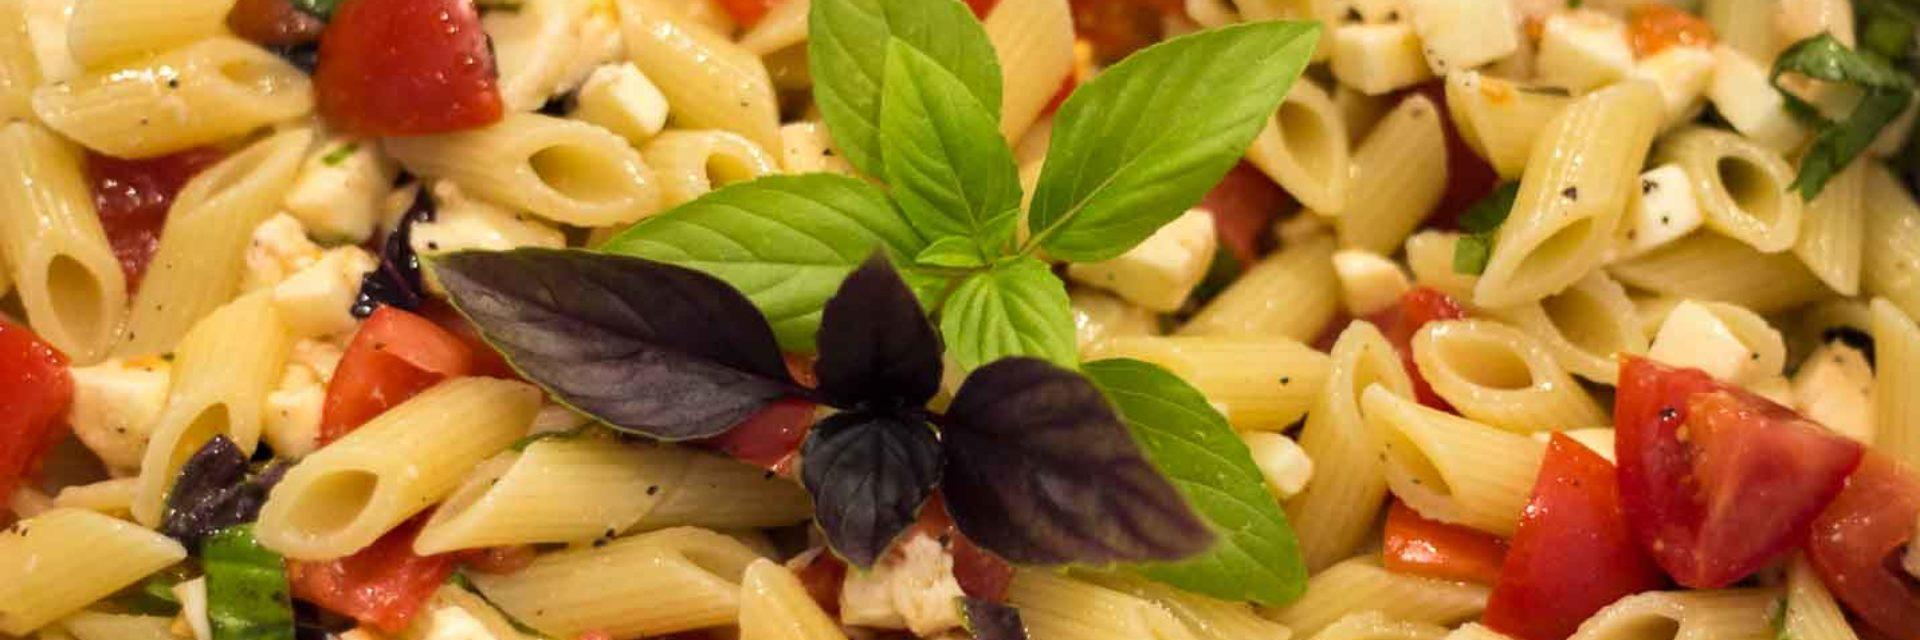 Paprika mit Sauerkraut-Schinken Füllung